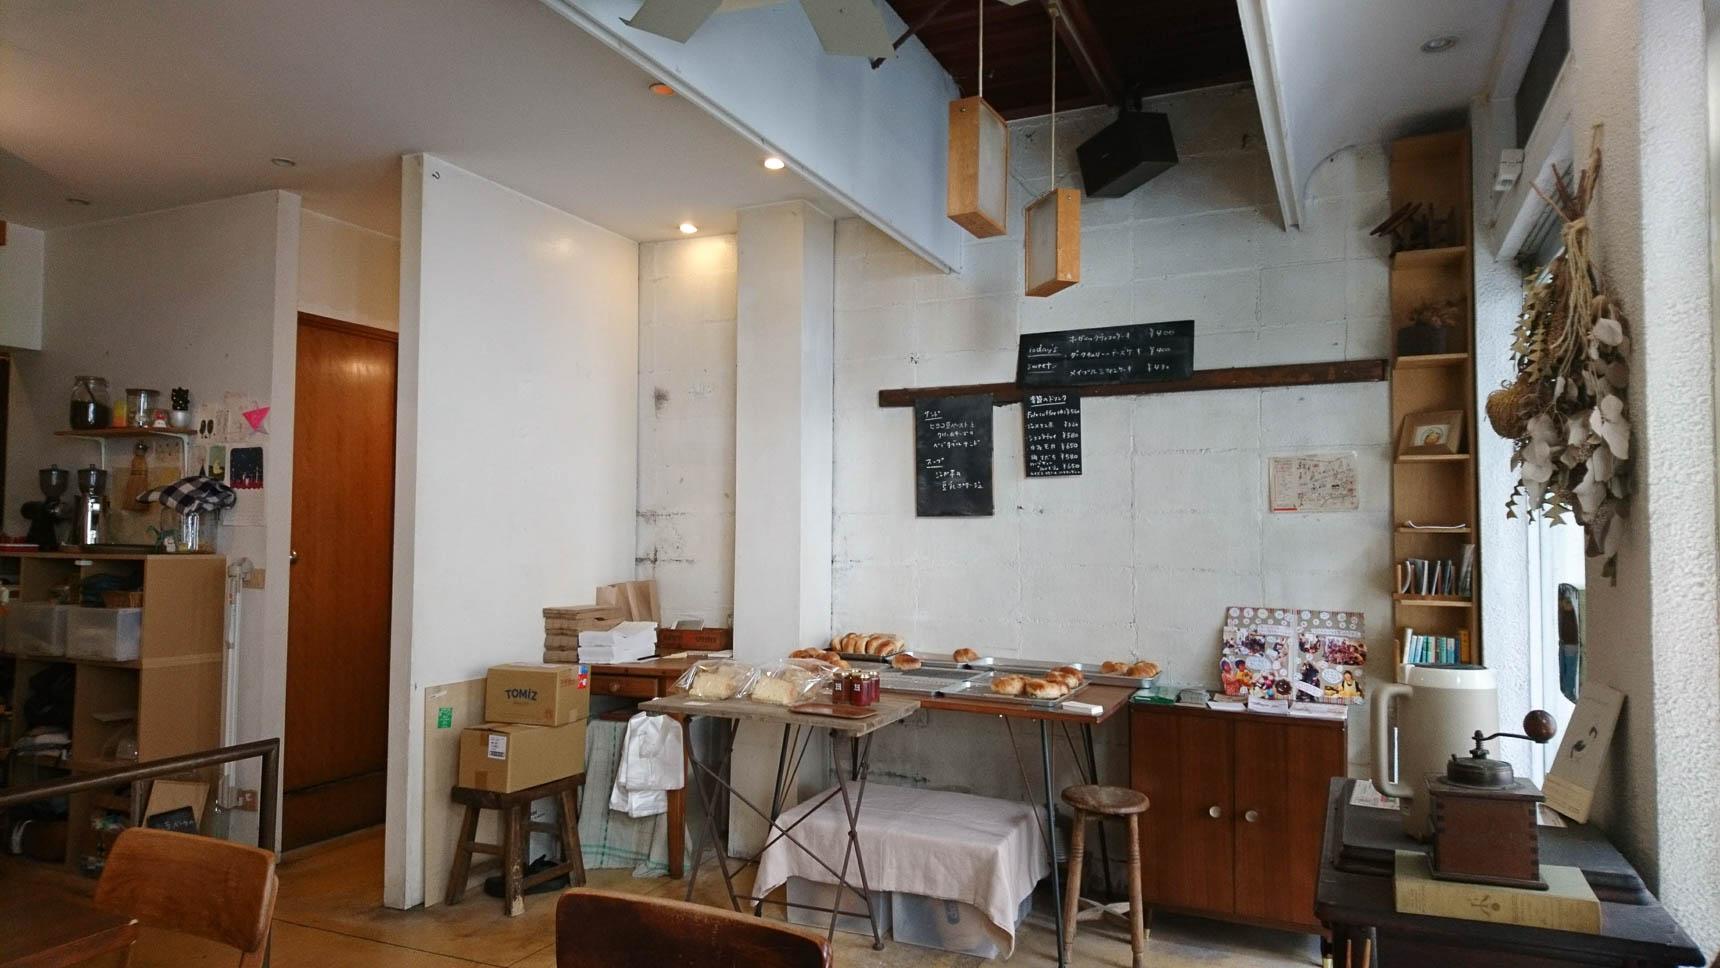 木の家具を中心に、ぬくもりのある雰囲気の小さなお店です